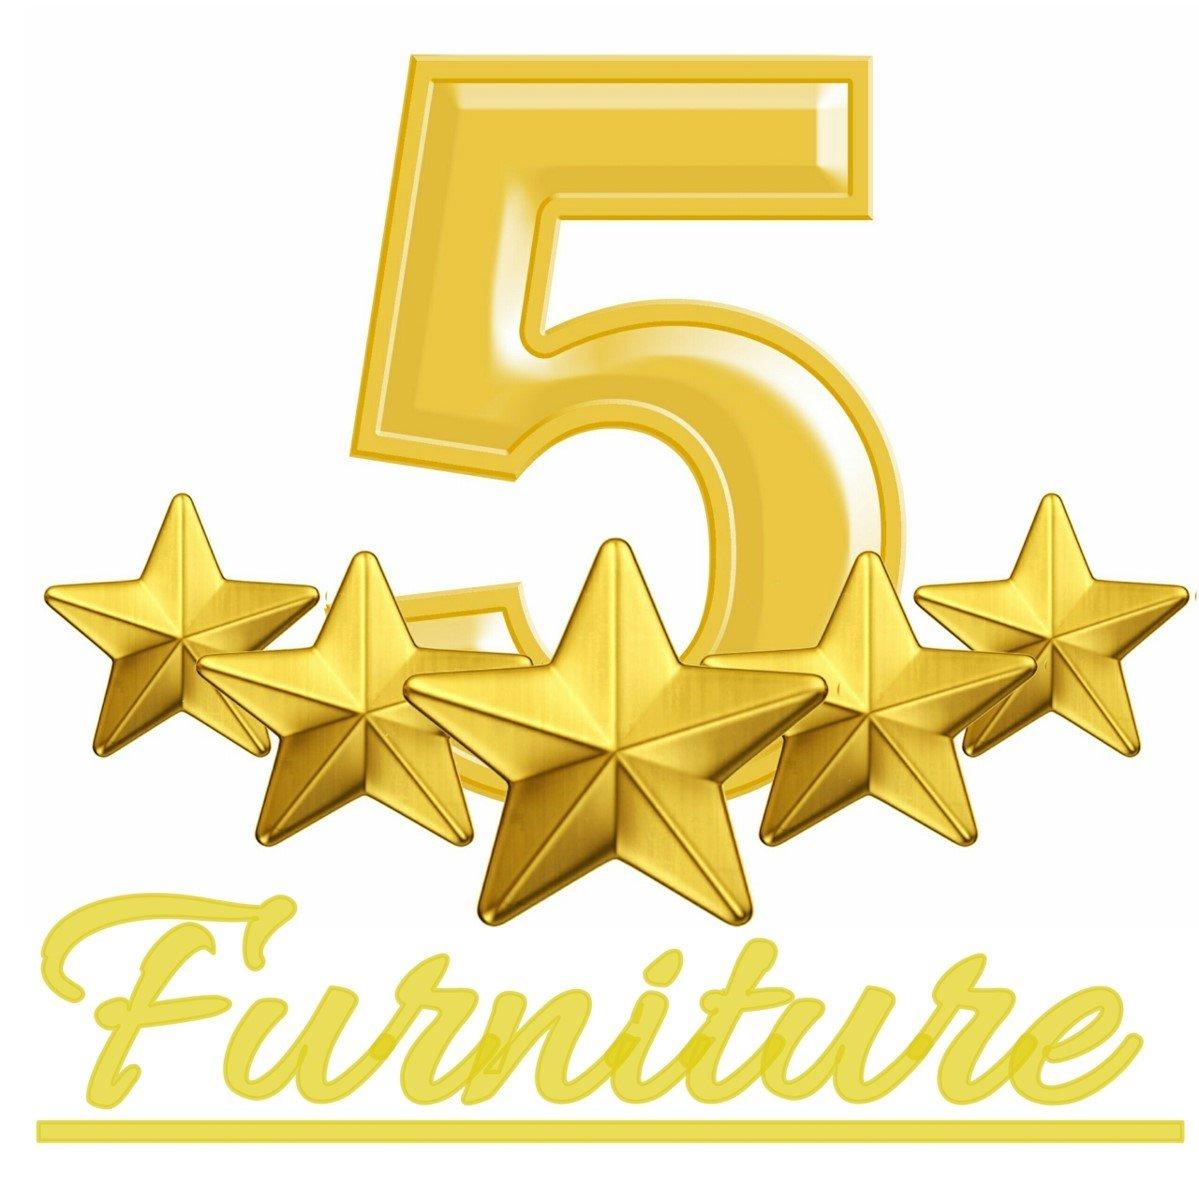 5 Star Furniture